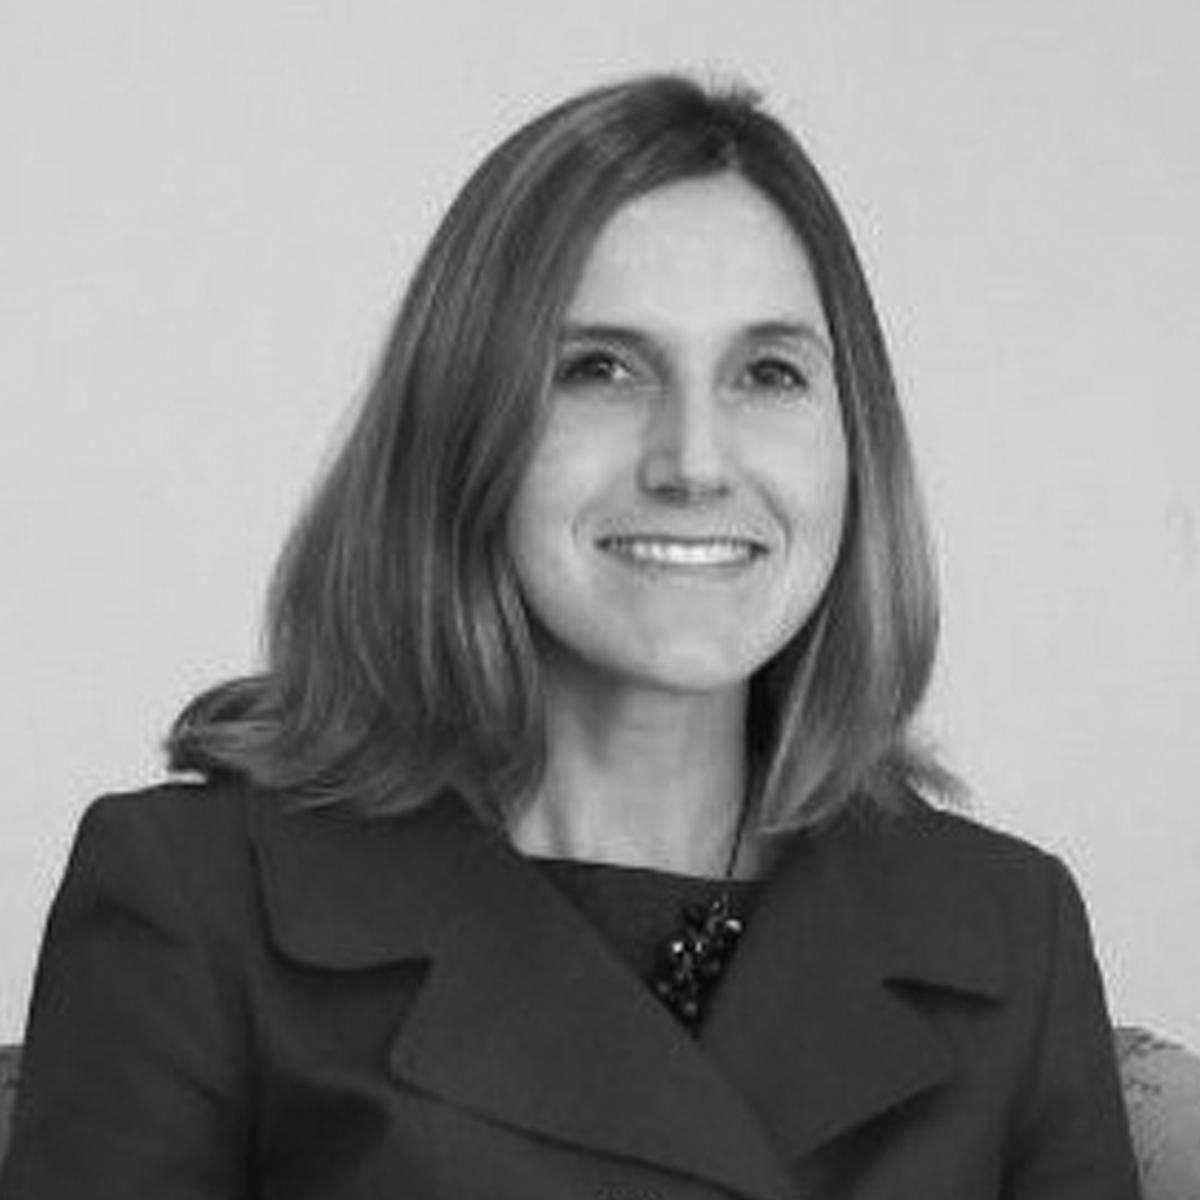 Sarah Bainton Kahn